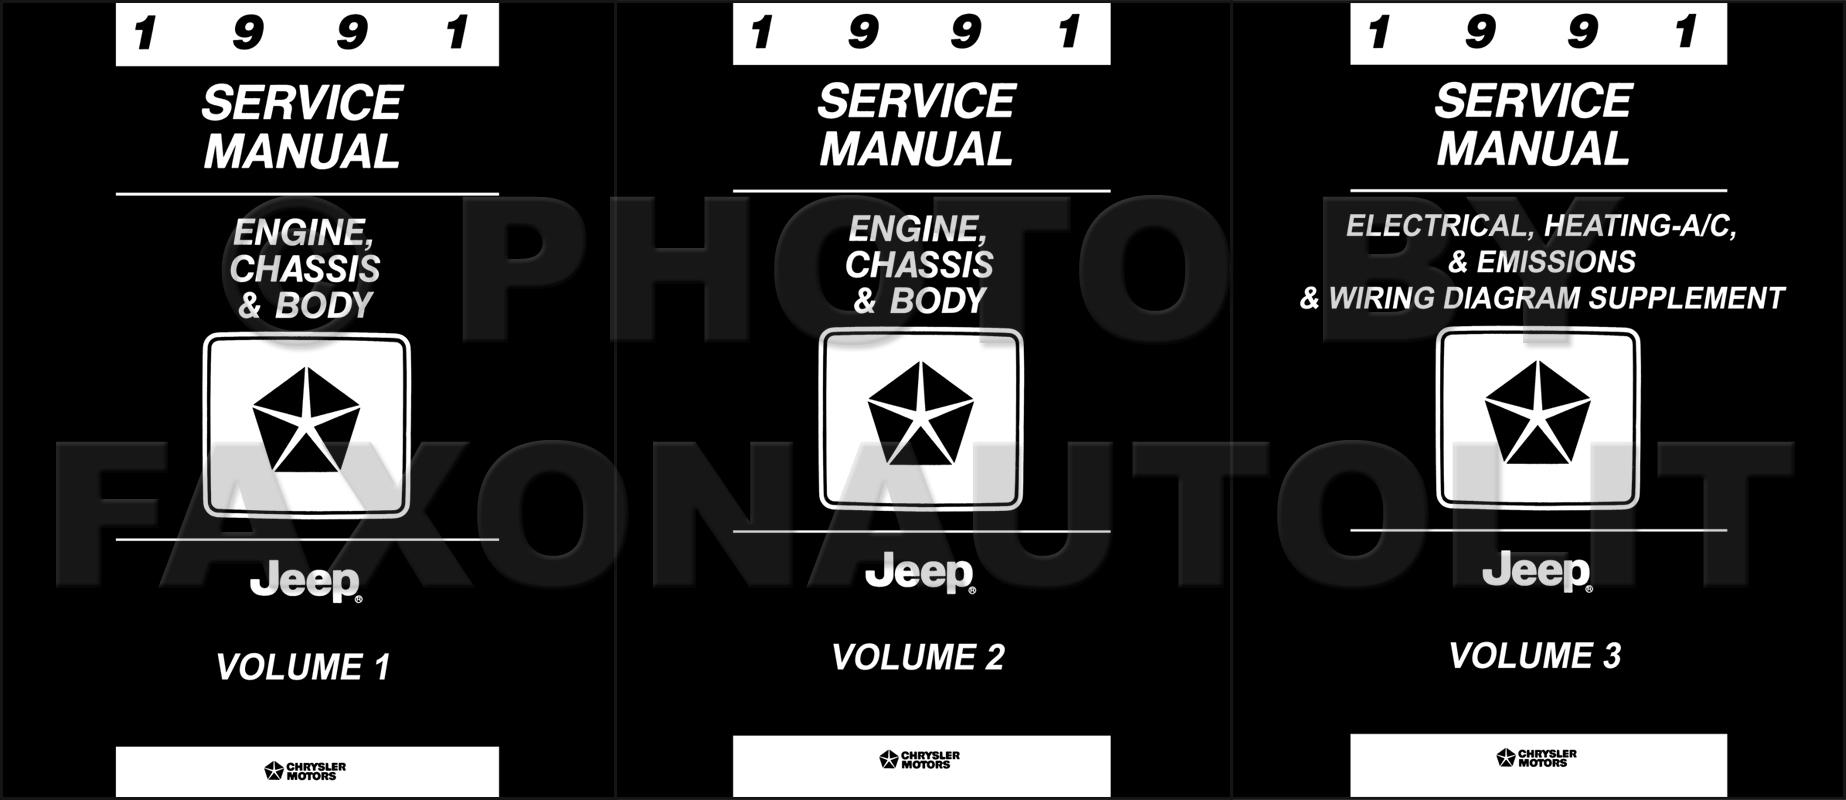 1991 Jeep Repair Shop Manual Reprint 3 Volume Set All Models Wrangler Engine Diagram Original